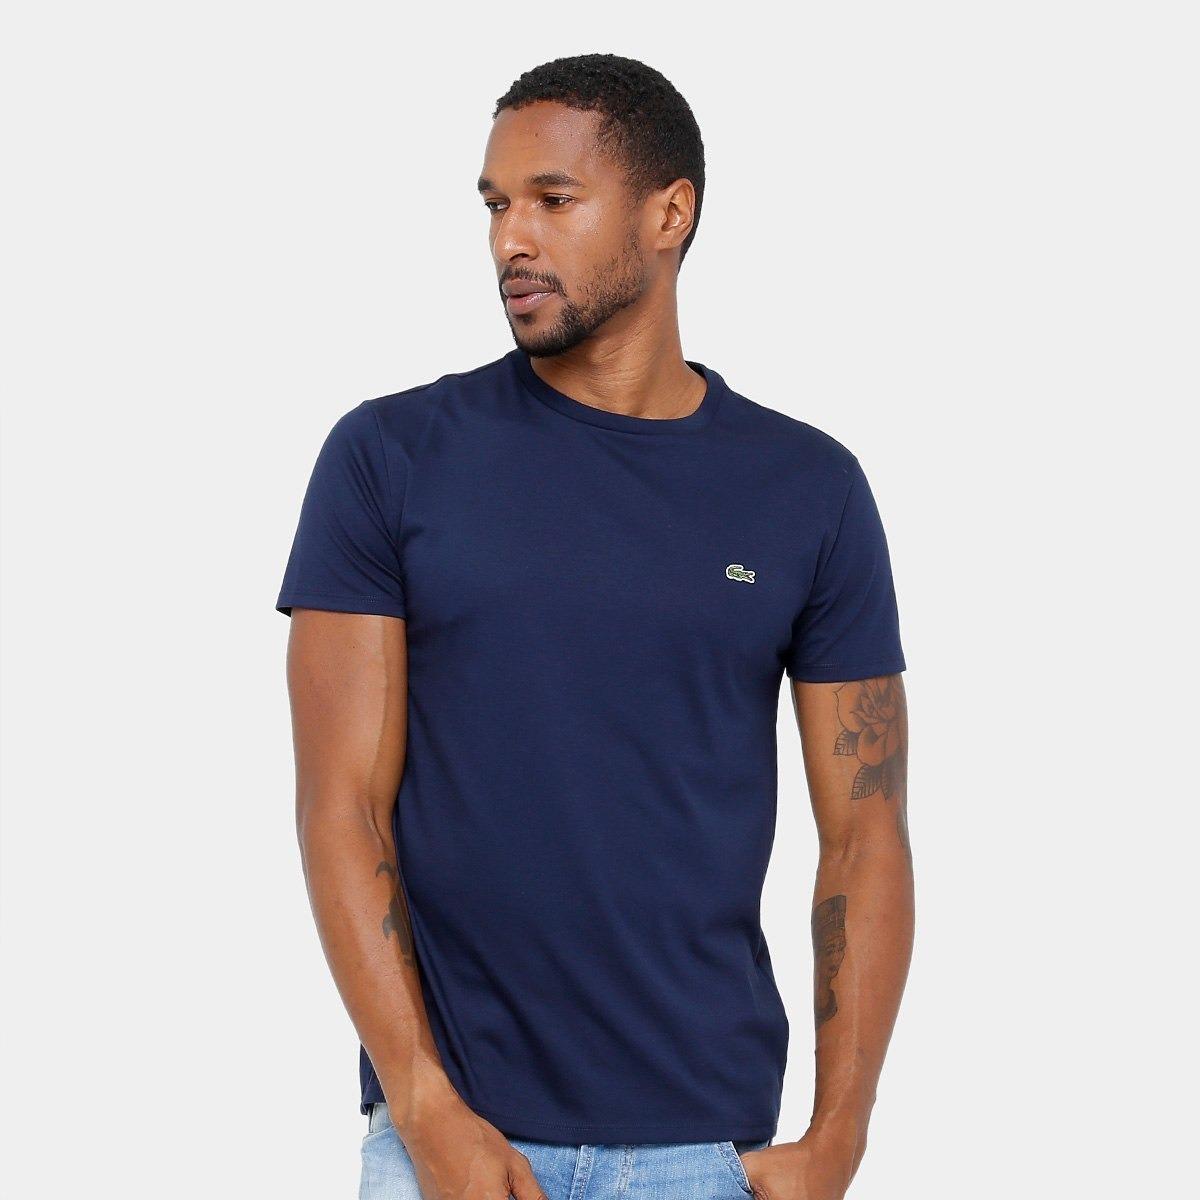 59fe7ee6e65 camiseta lacoste azul marinho. Carregando zoom.